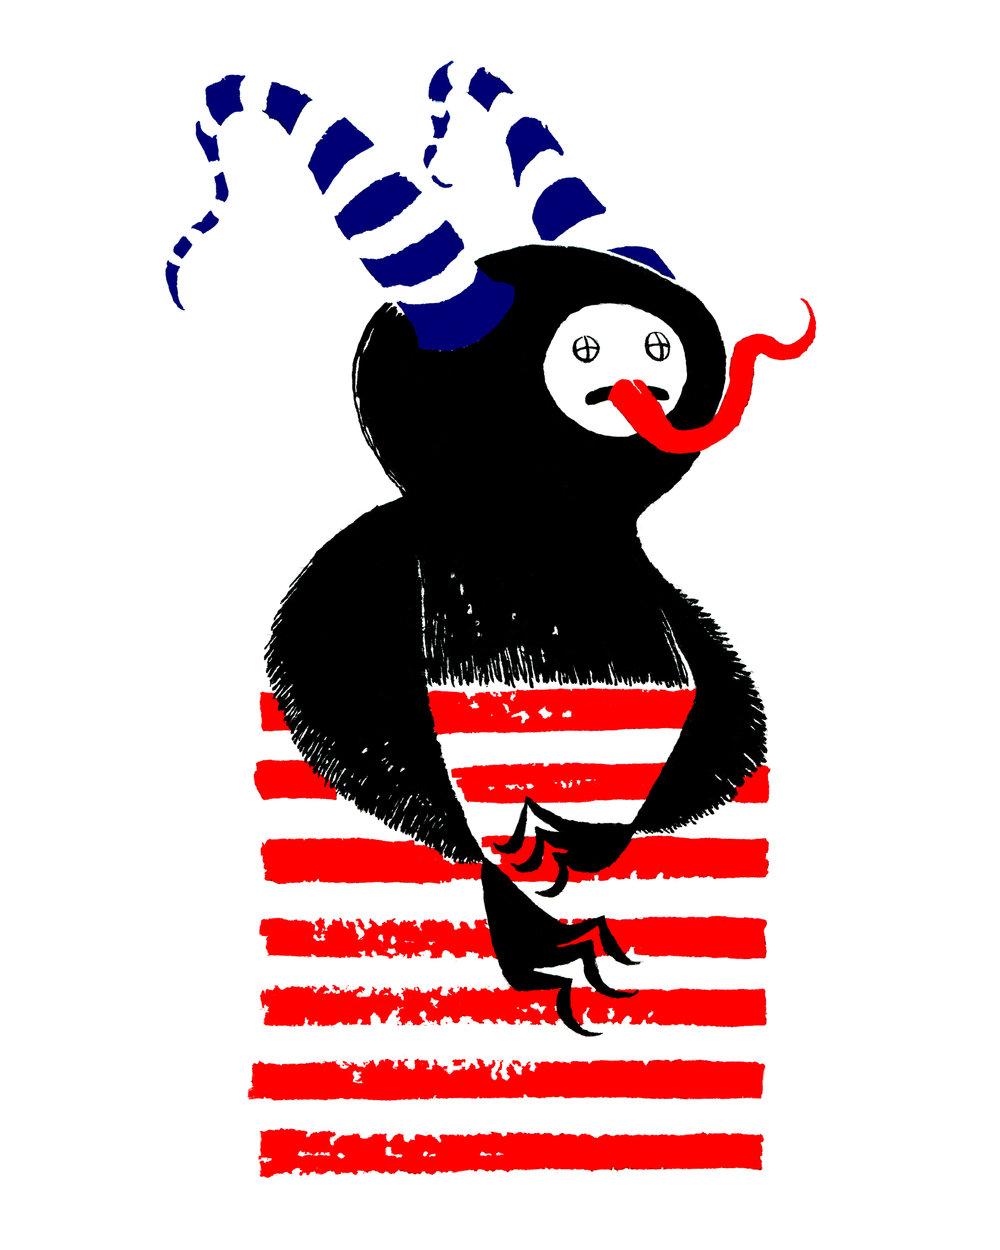 Bipartisan stripes.